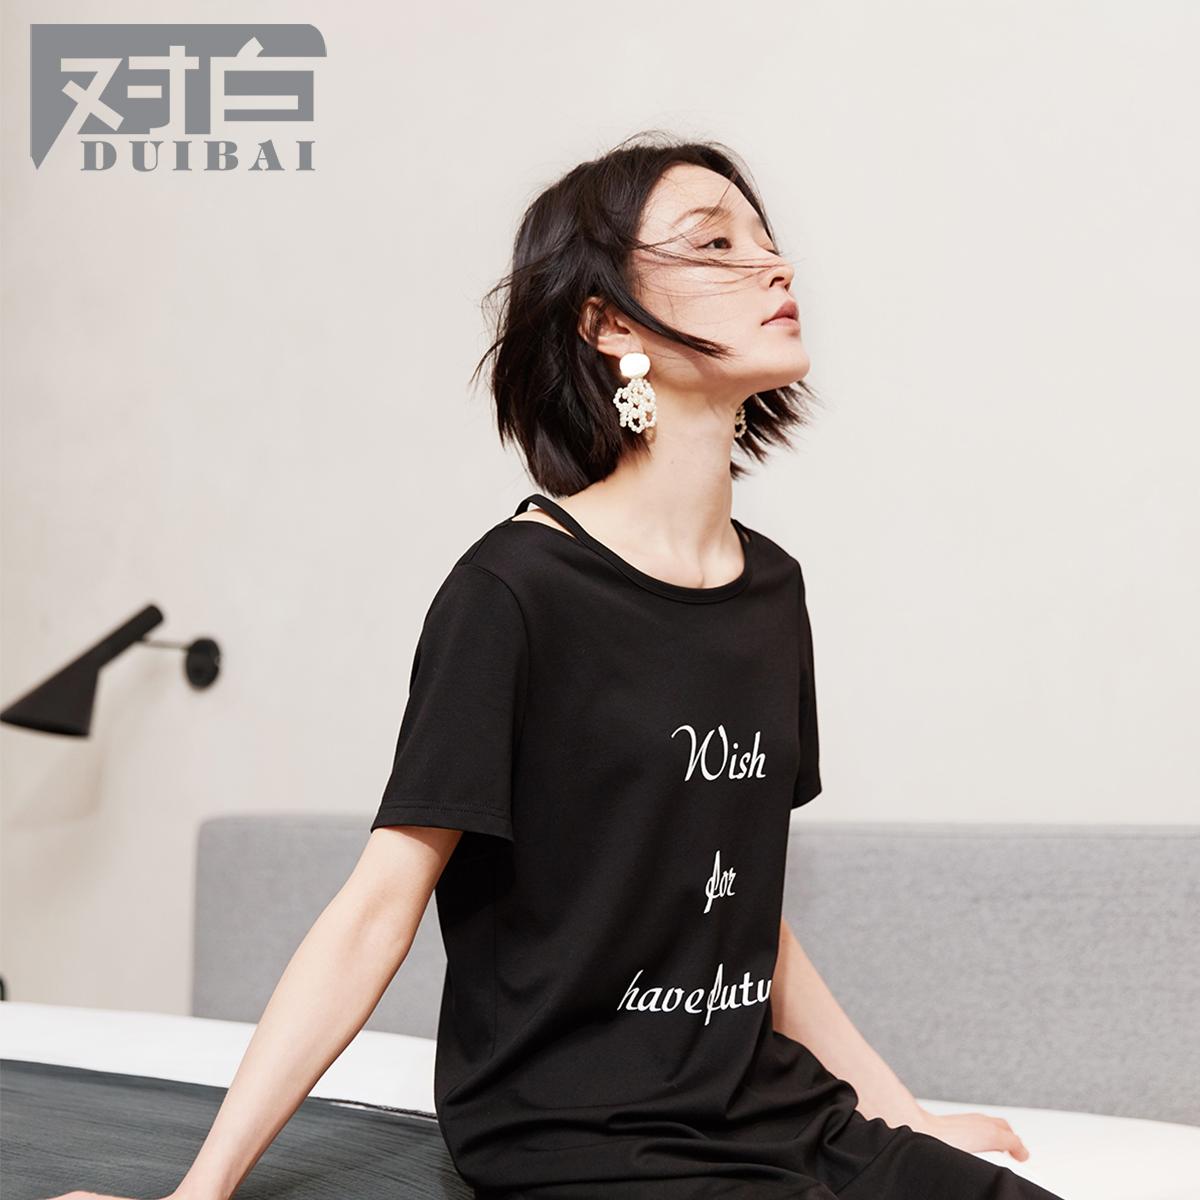 对白T恤式短袖连衣裙女2018夏装新款镂空休闲短裙子